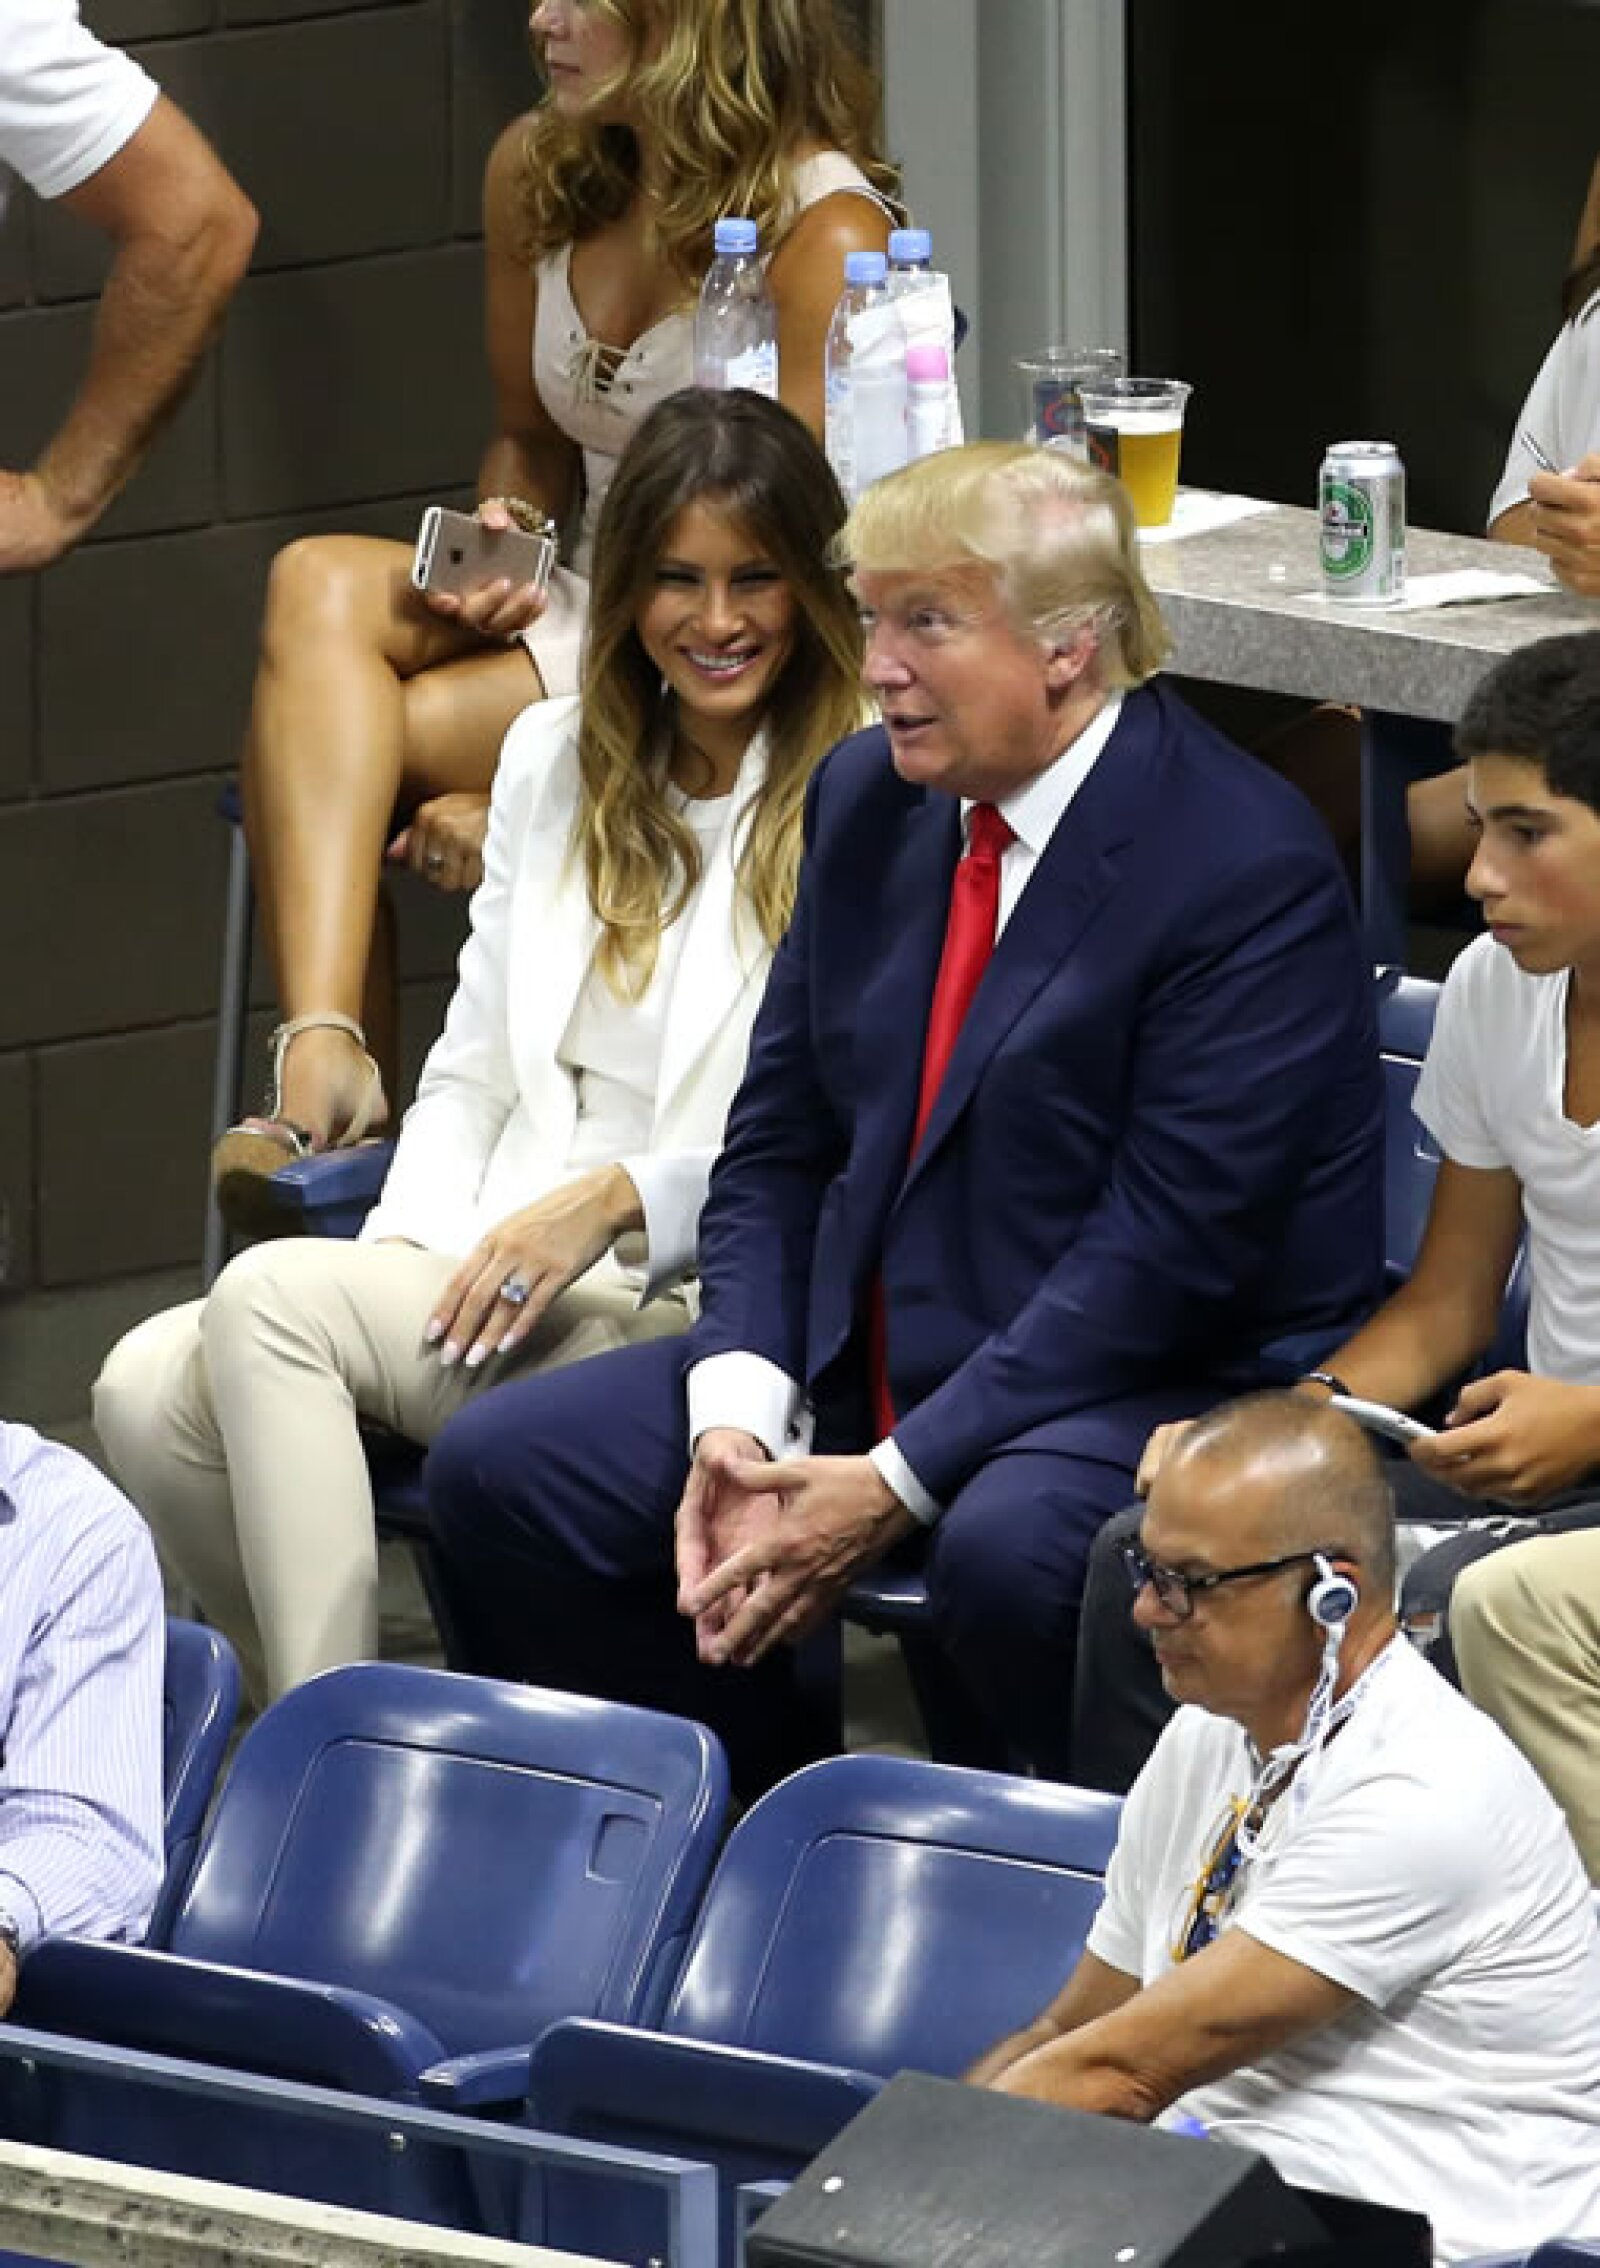 Donald Trump, quien fue abucheado por los asistentes, acudió con su esposa Melania.